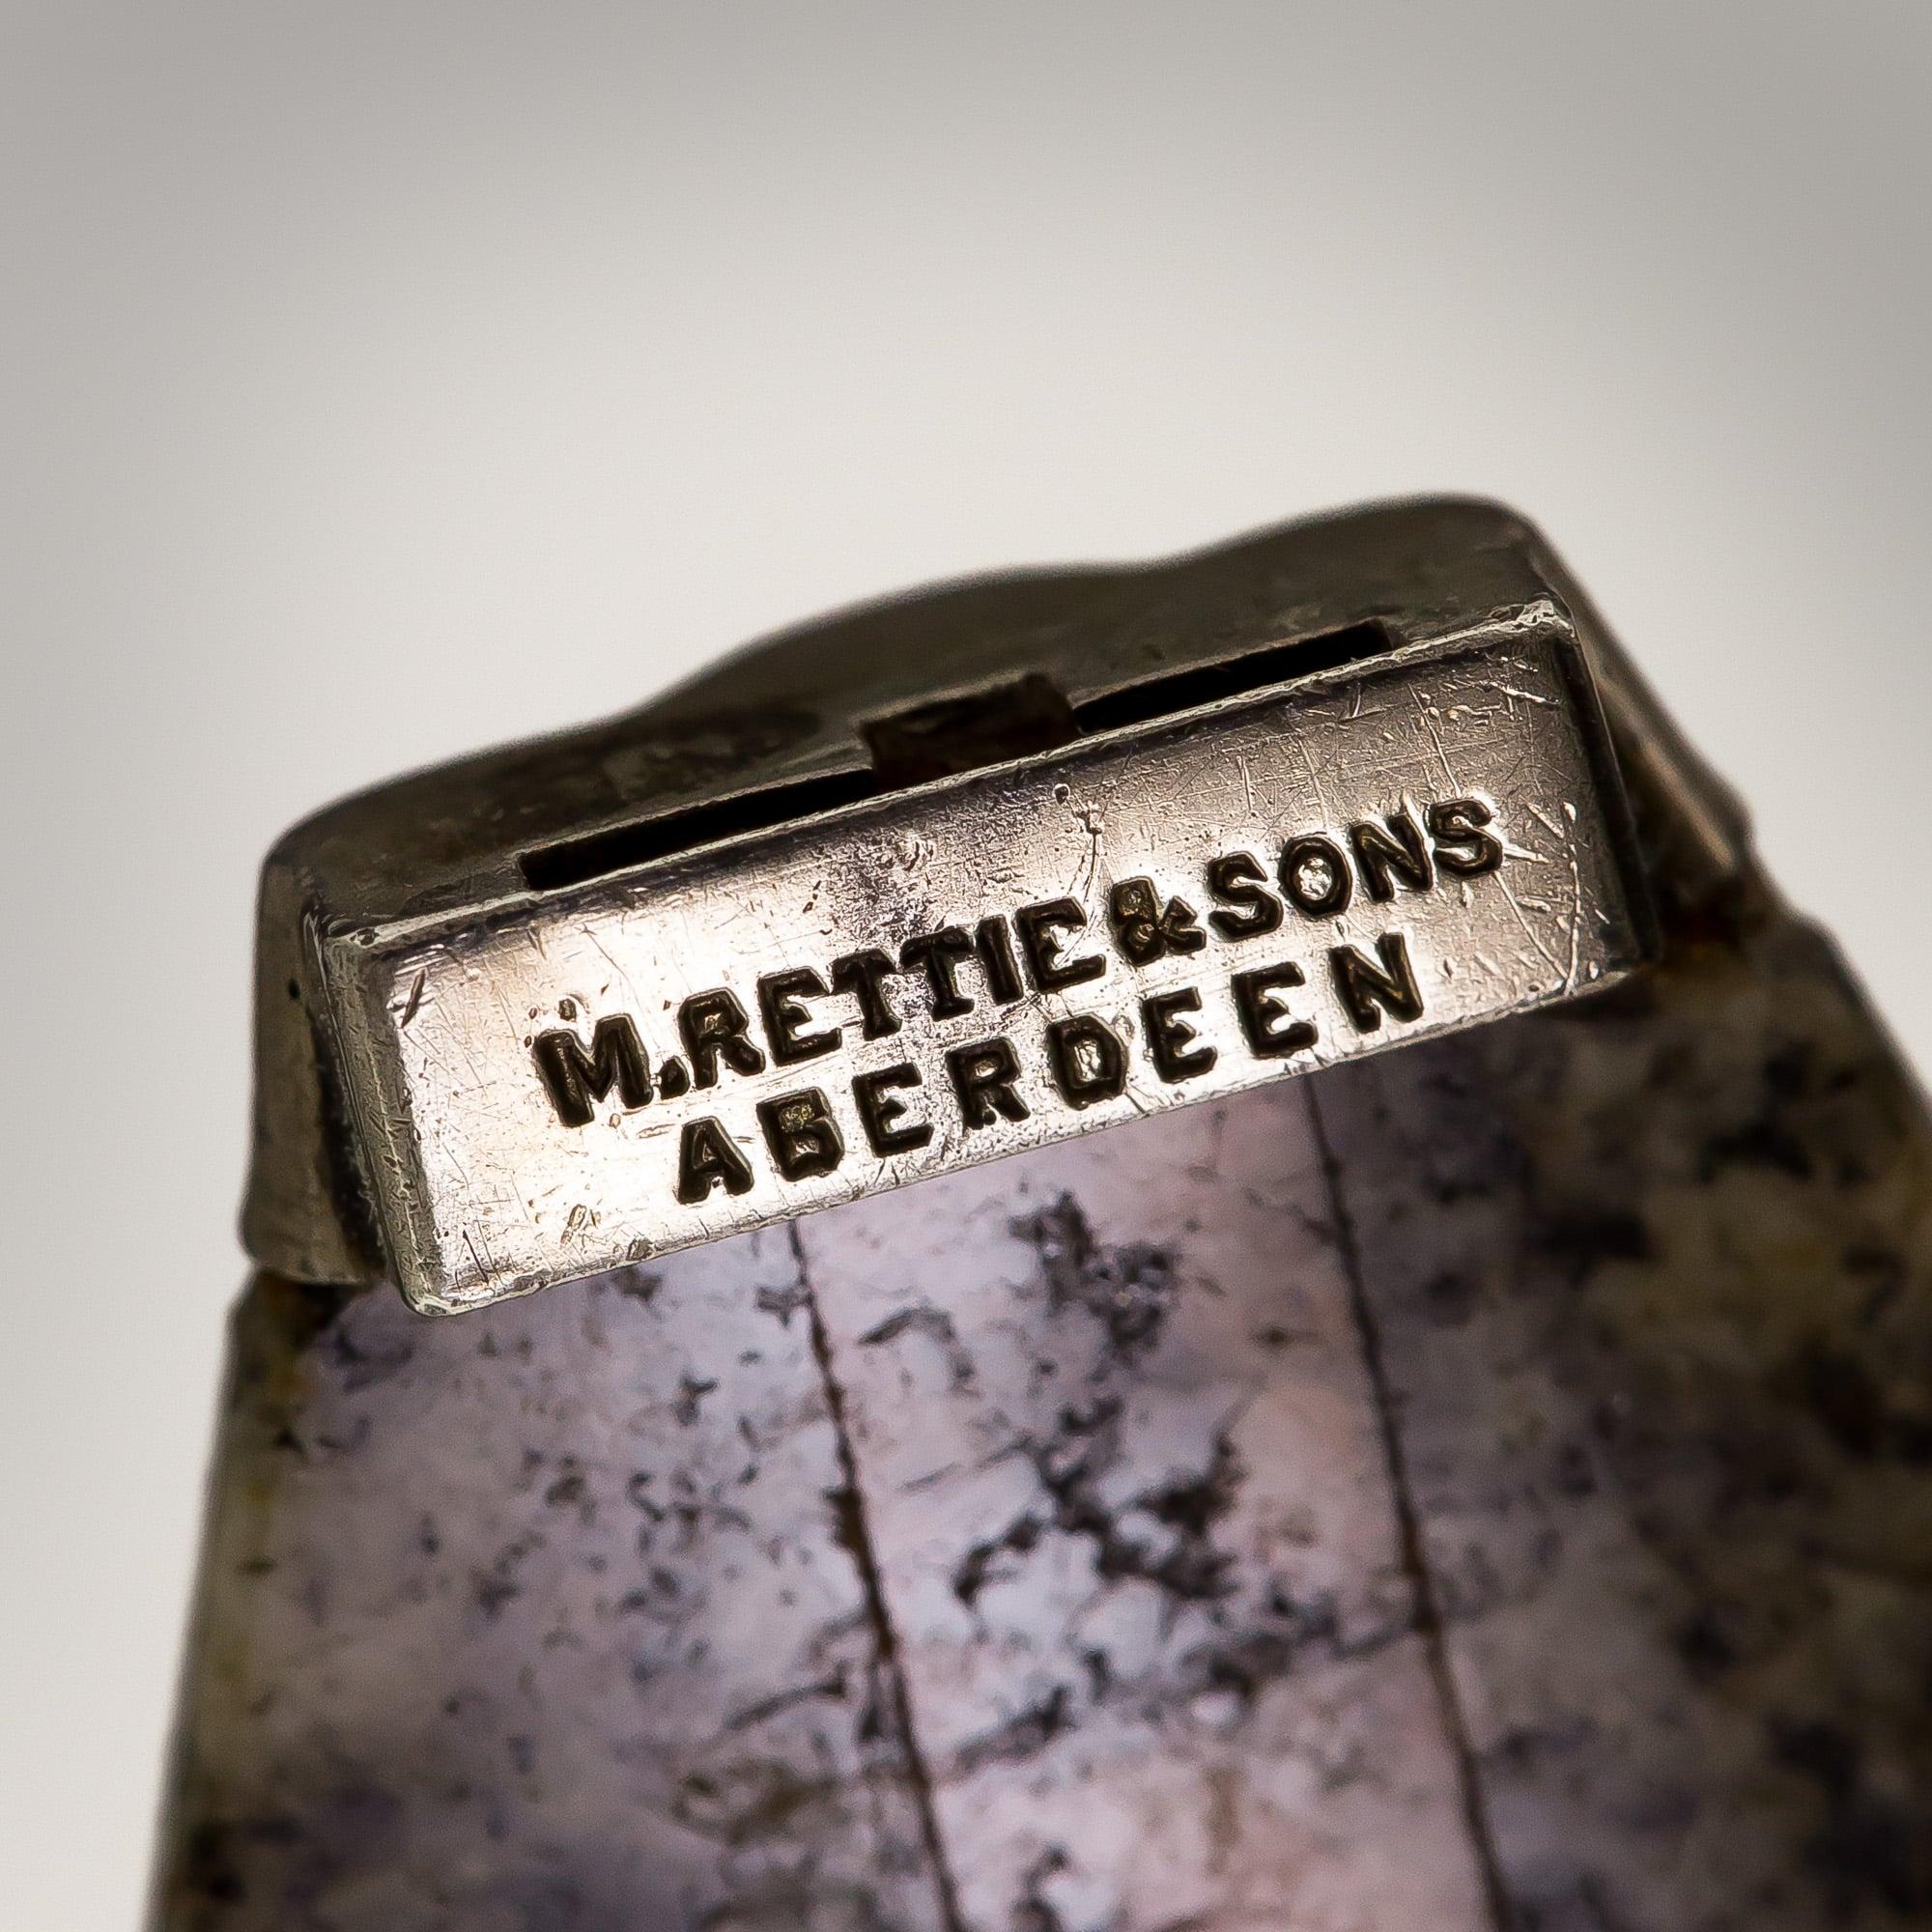 Maker's Mark for Aberdeen Jewelers, M. Rettie & Sons.